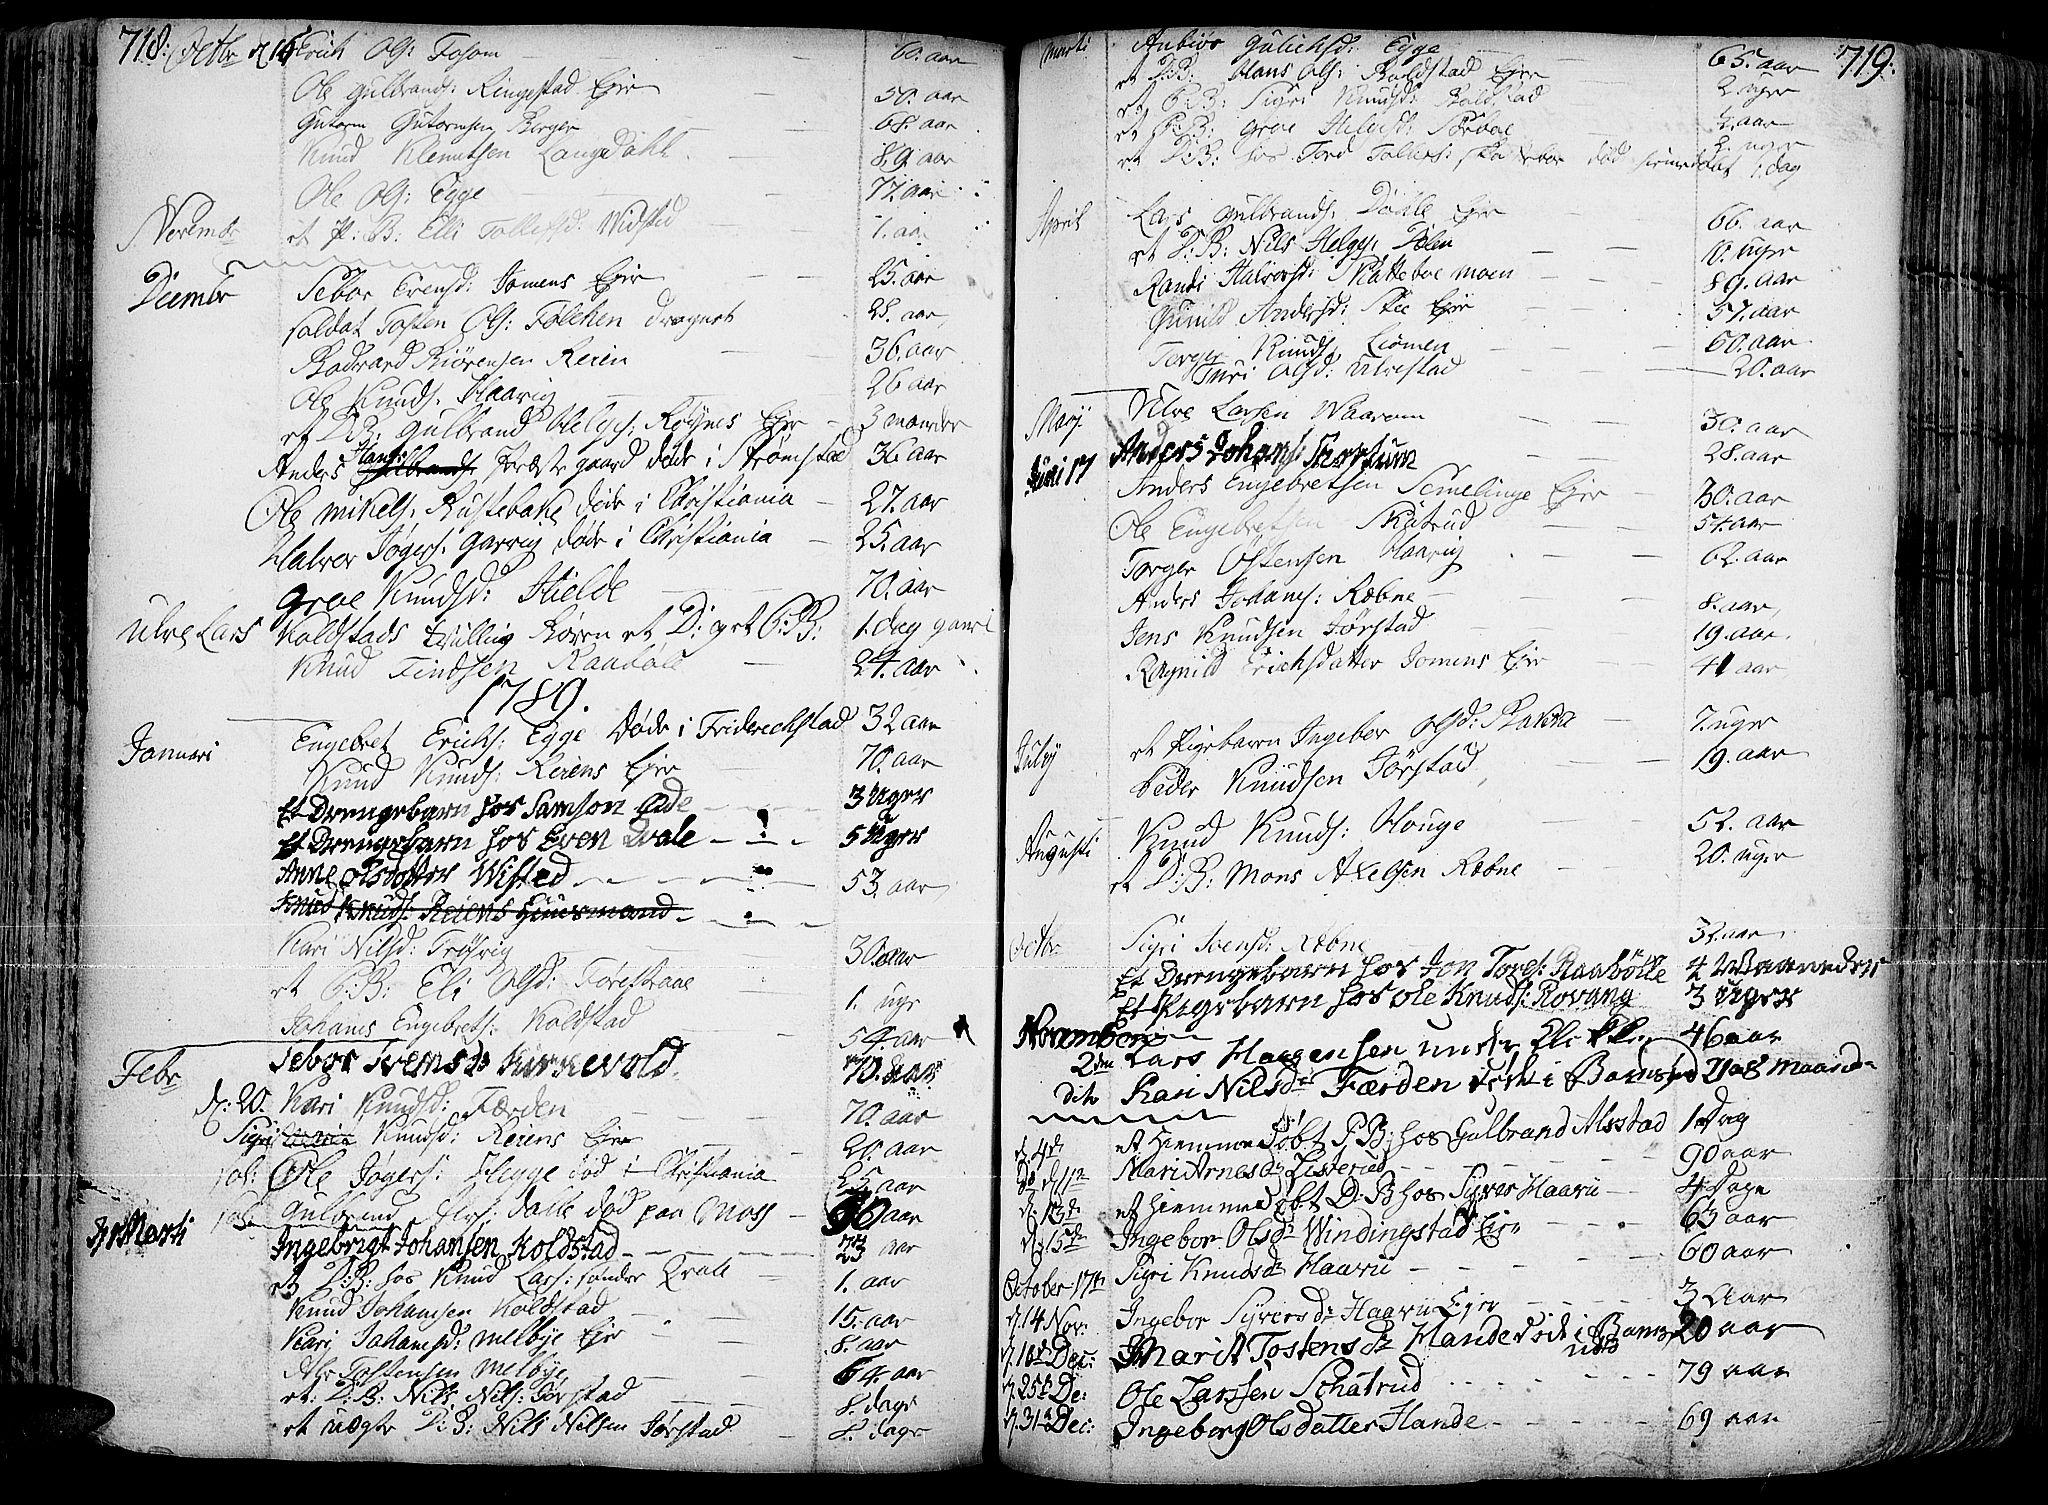 SAH, Slidre prestekontor, Ministerialbok nr. 1, 1724-1814, s. 718-719